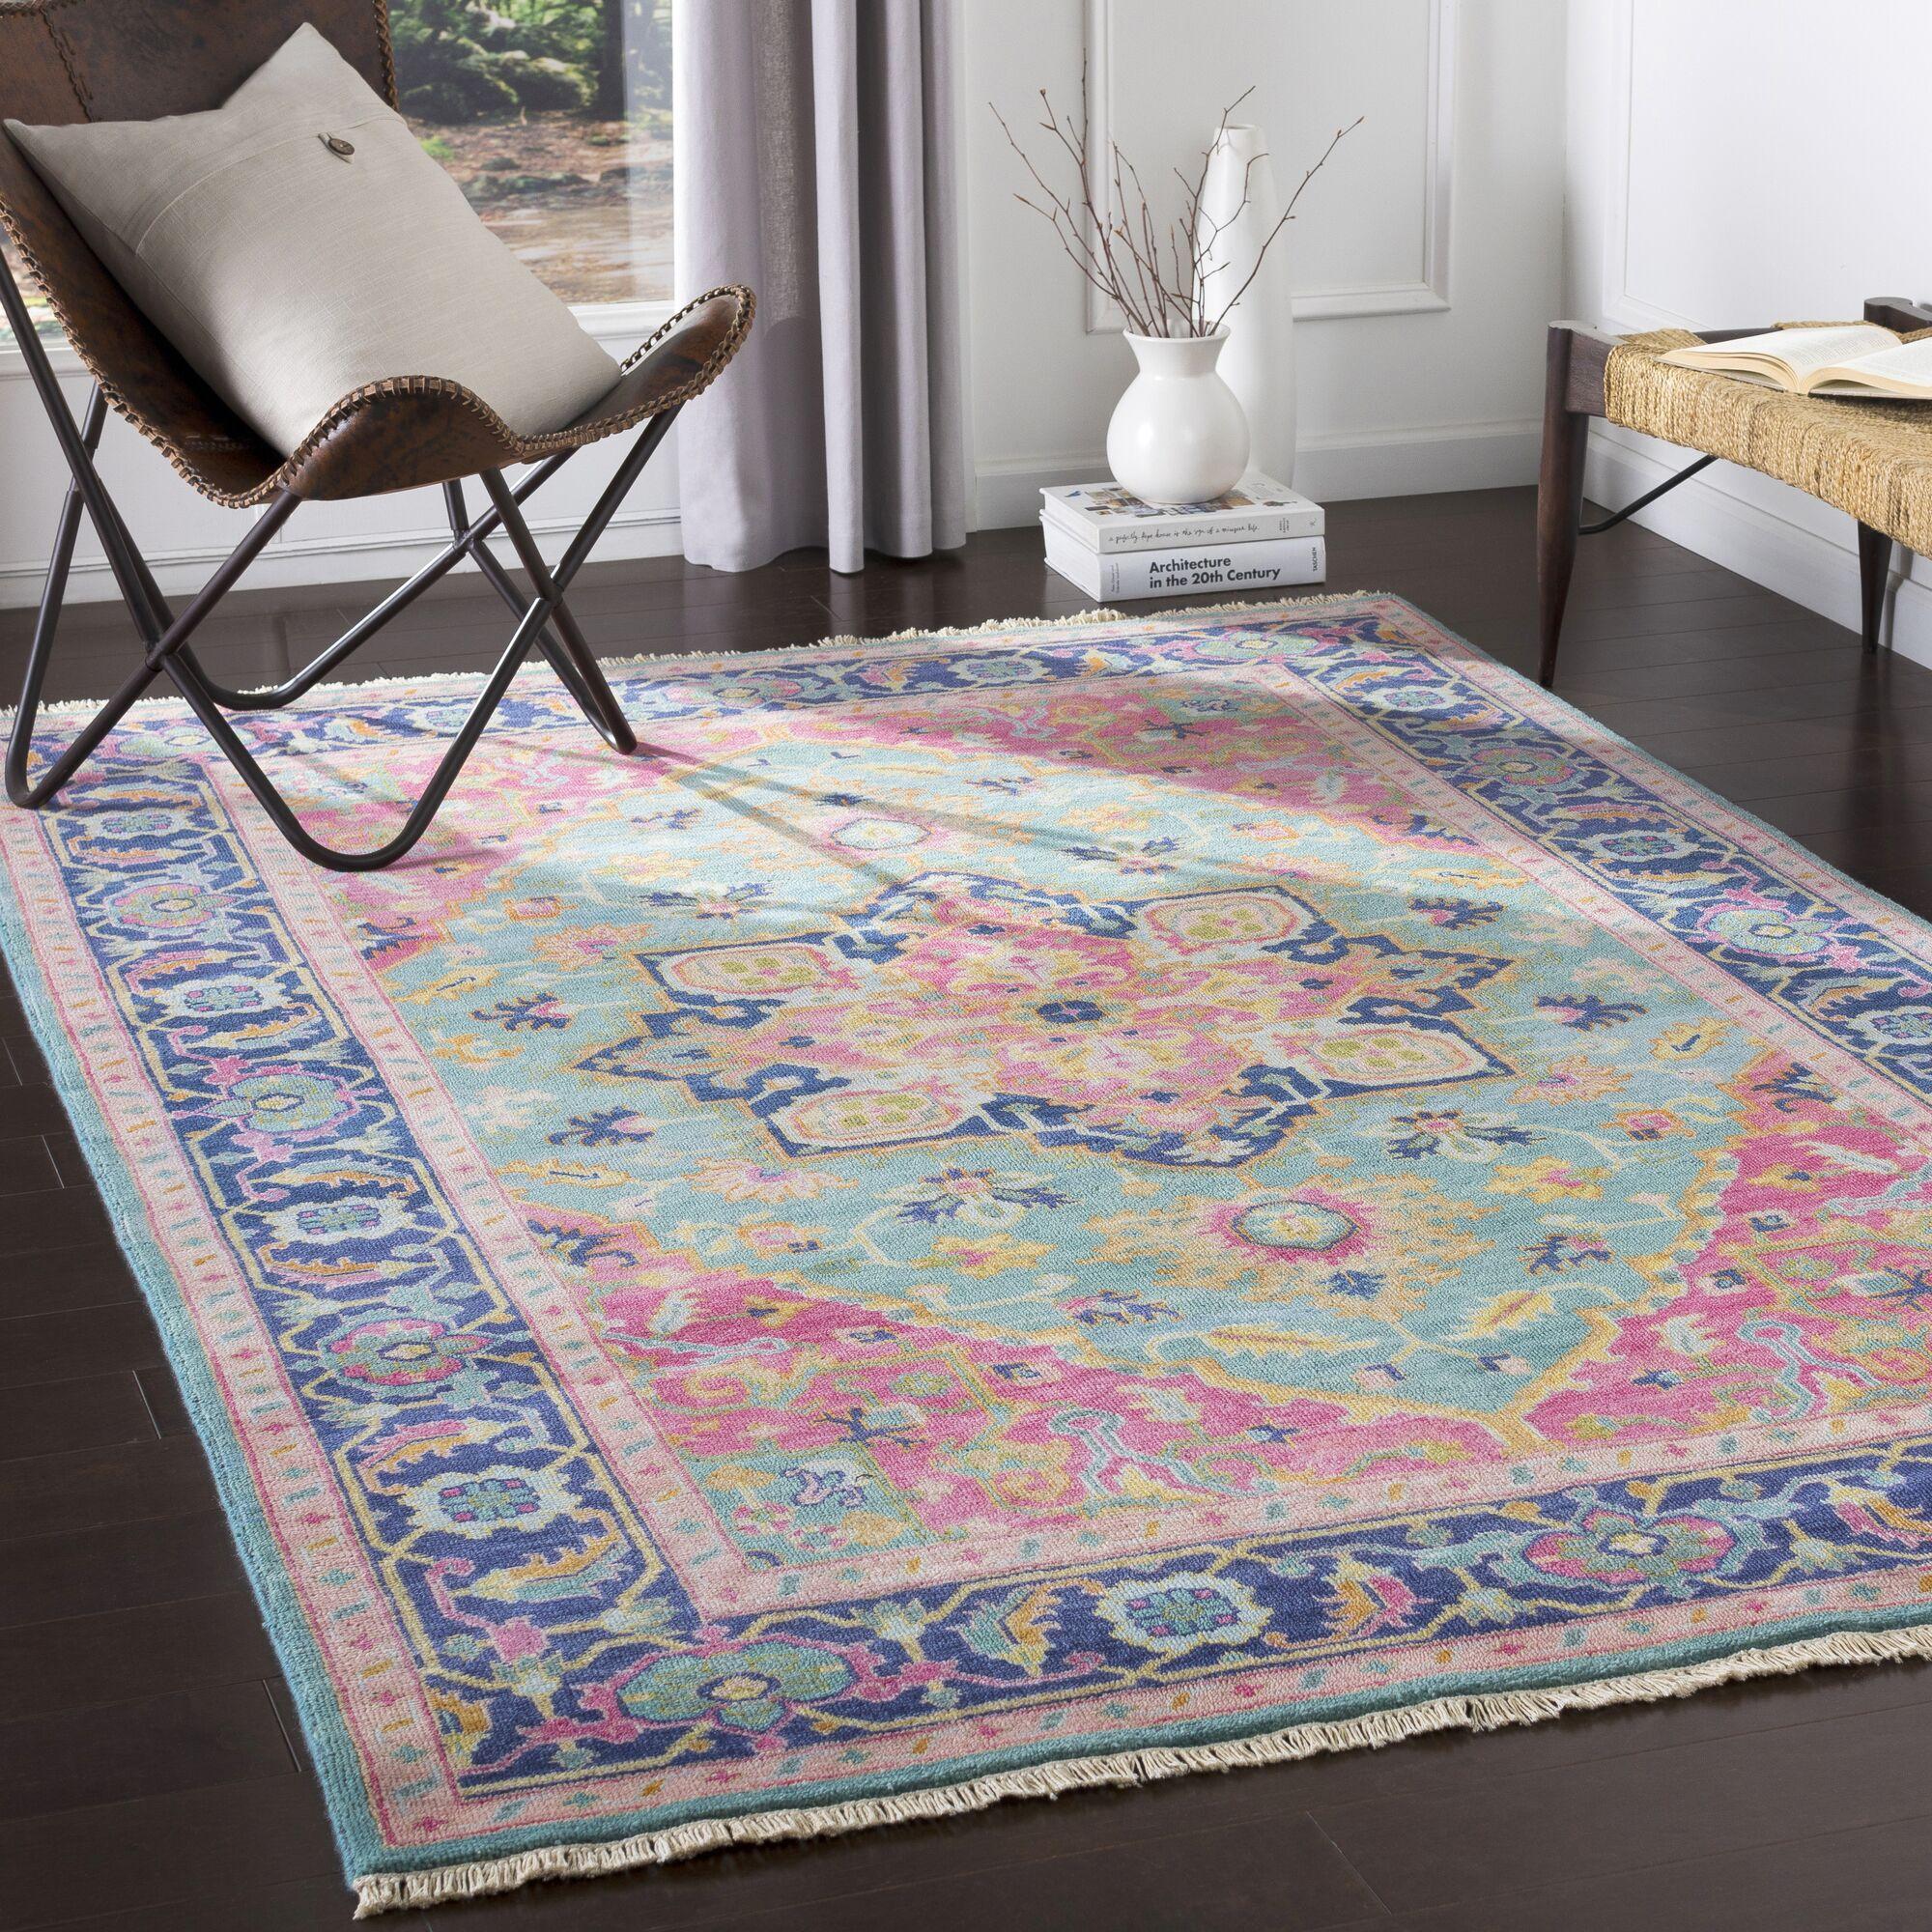 Heerlen Handwoven Wool Teal/Bright Pink Area Rug Rug Size: Rectangle 2' x 3'